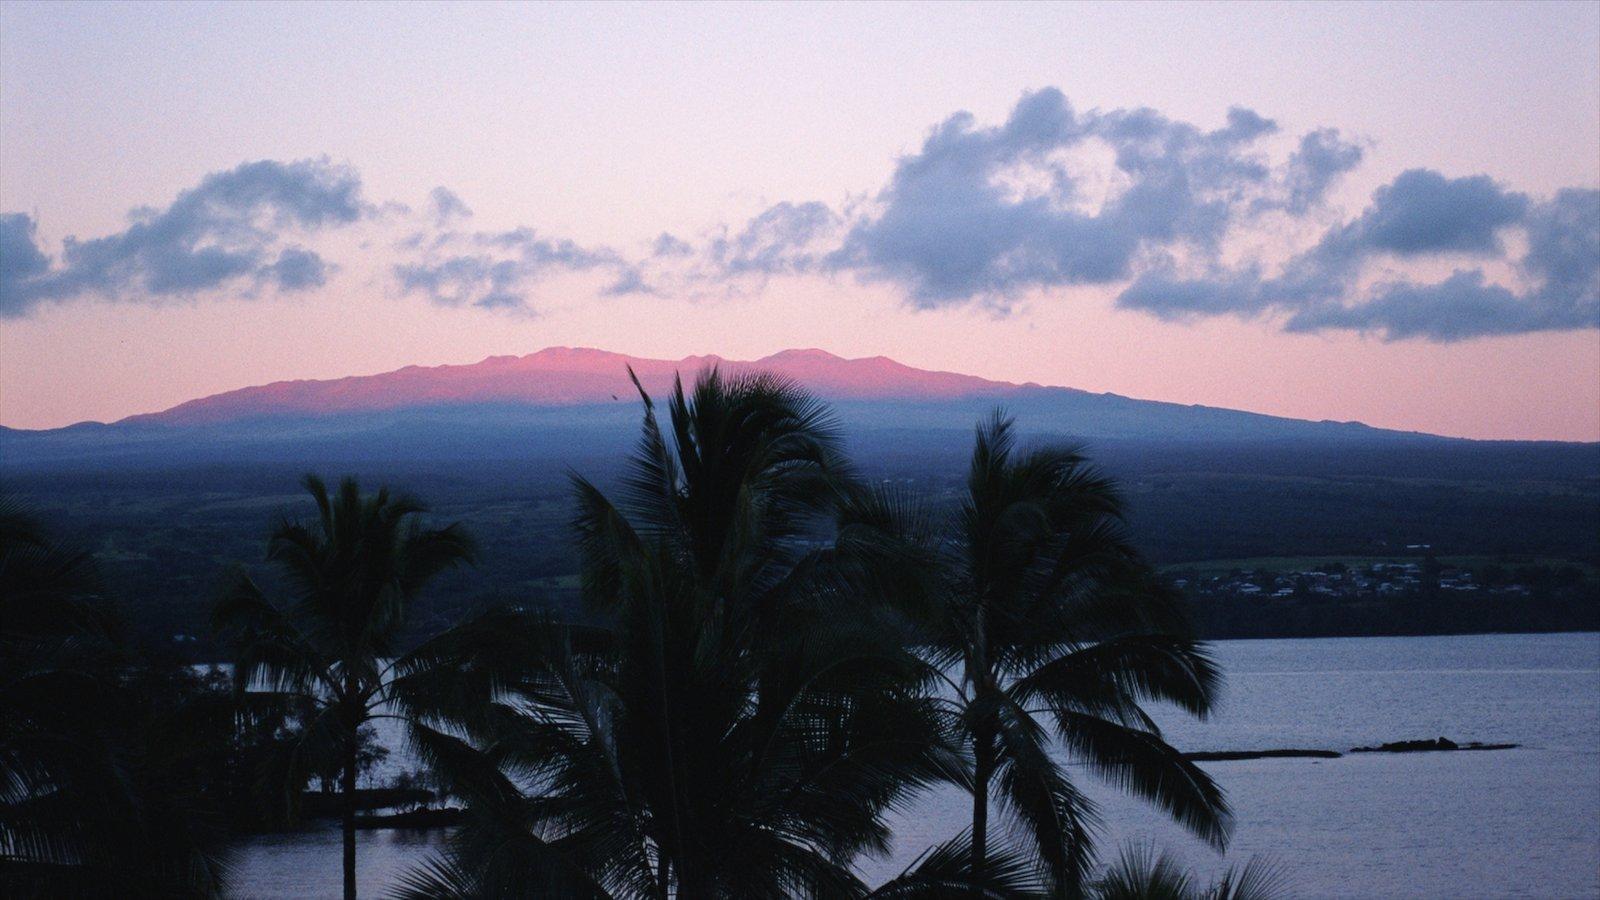 Hilo que inclui um pôr do sol, paisagem e cenas tropicais